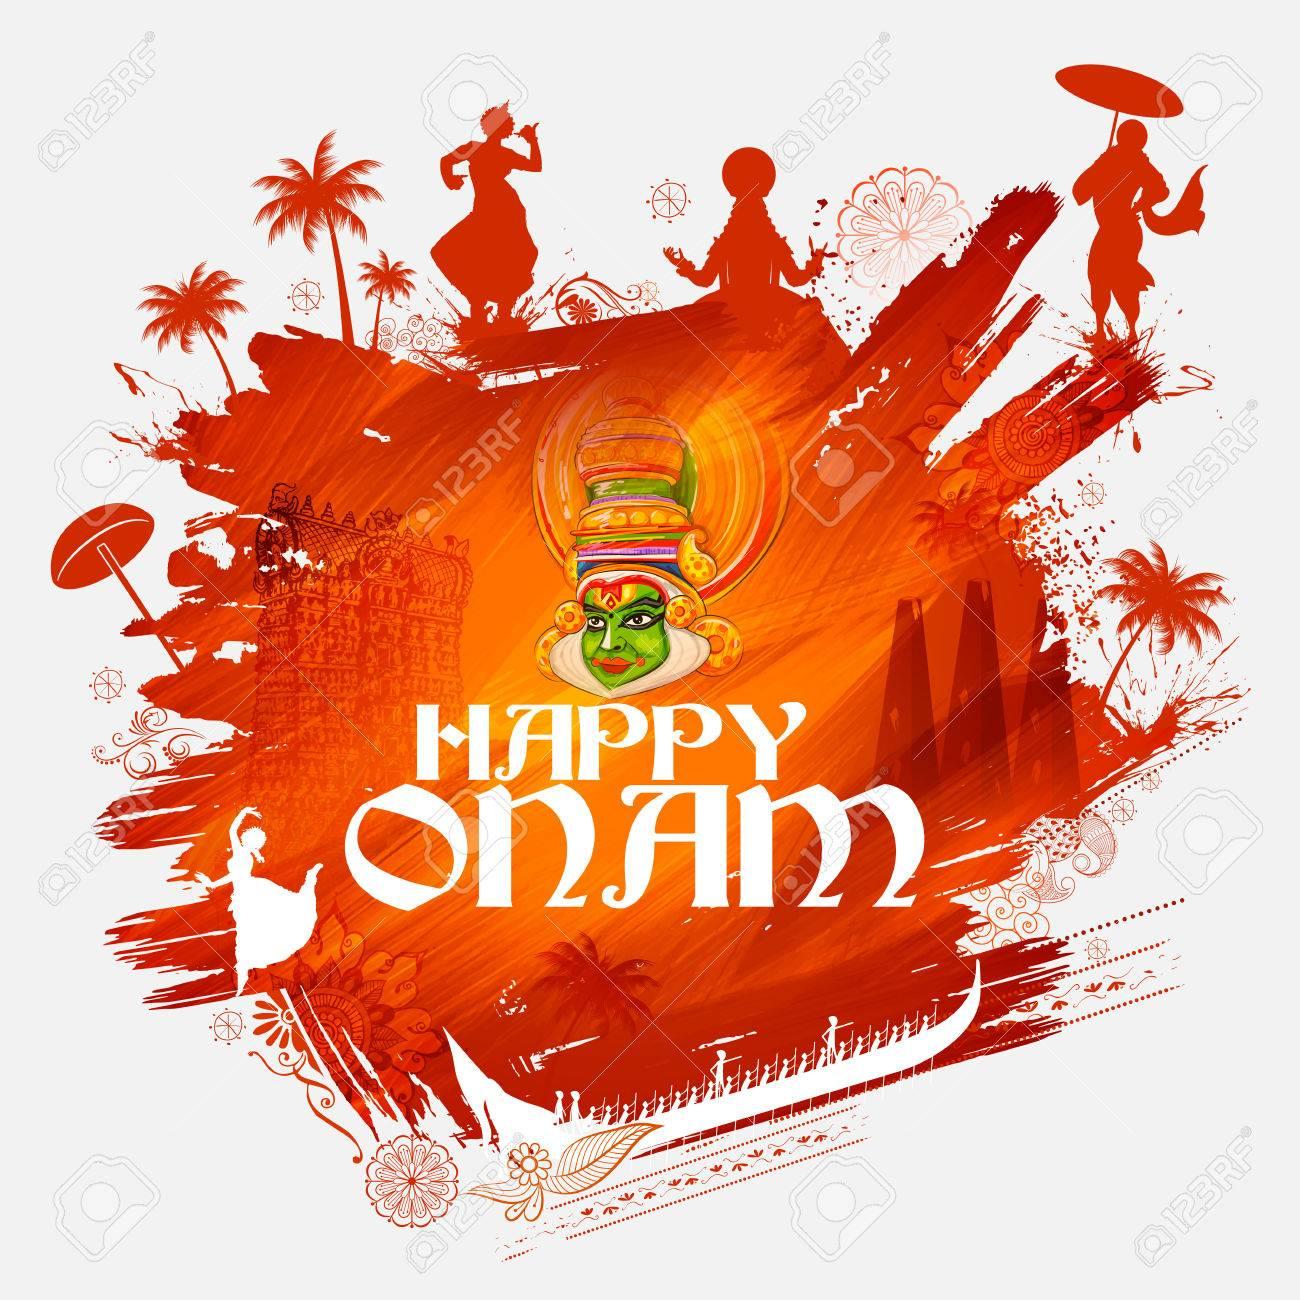 Kathakali dancer on for Happy Onam festival of South India Kerala - 84364740